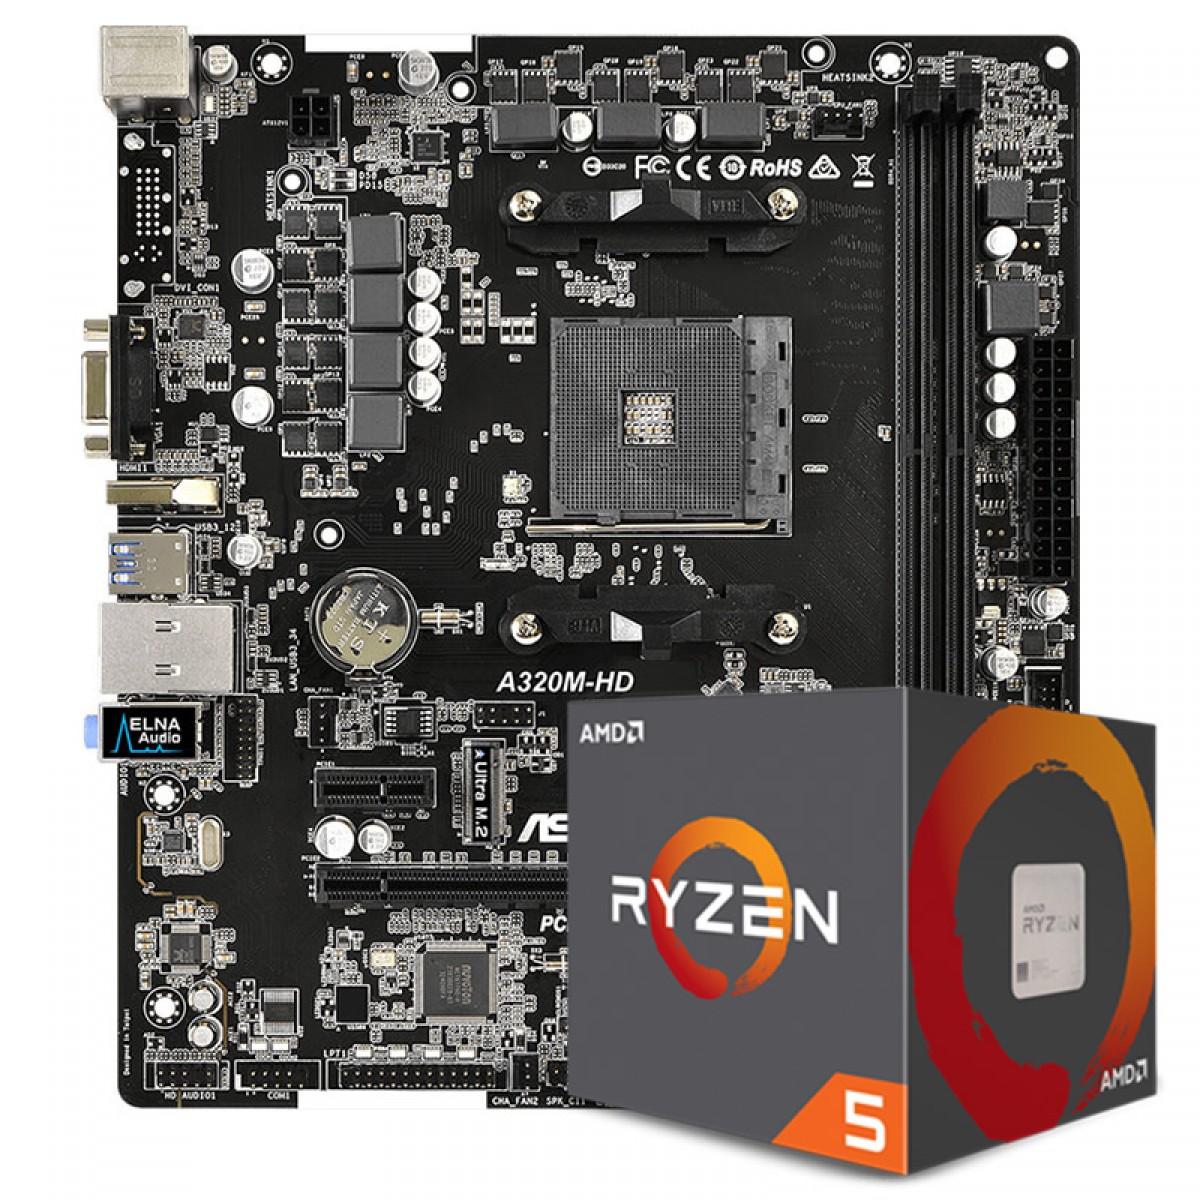 Kit Upgrade Placa Mãe Asrock A320M-HD, AMD AM4 + Processador AMD Ryzen 5 2600 3.4GHz